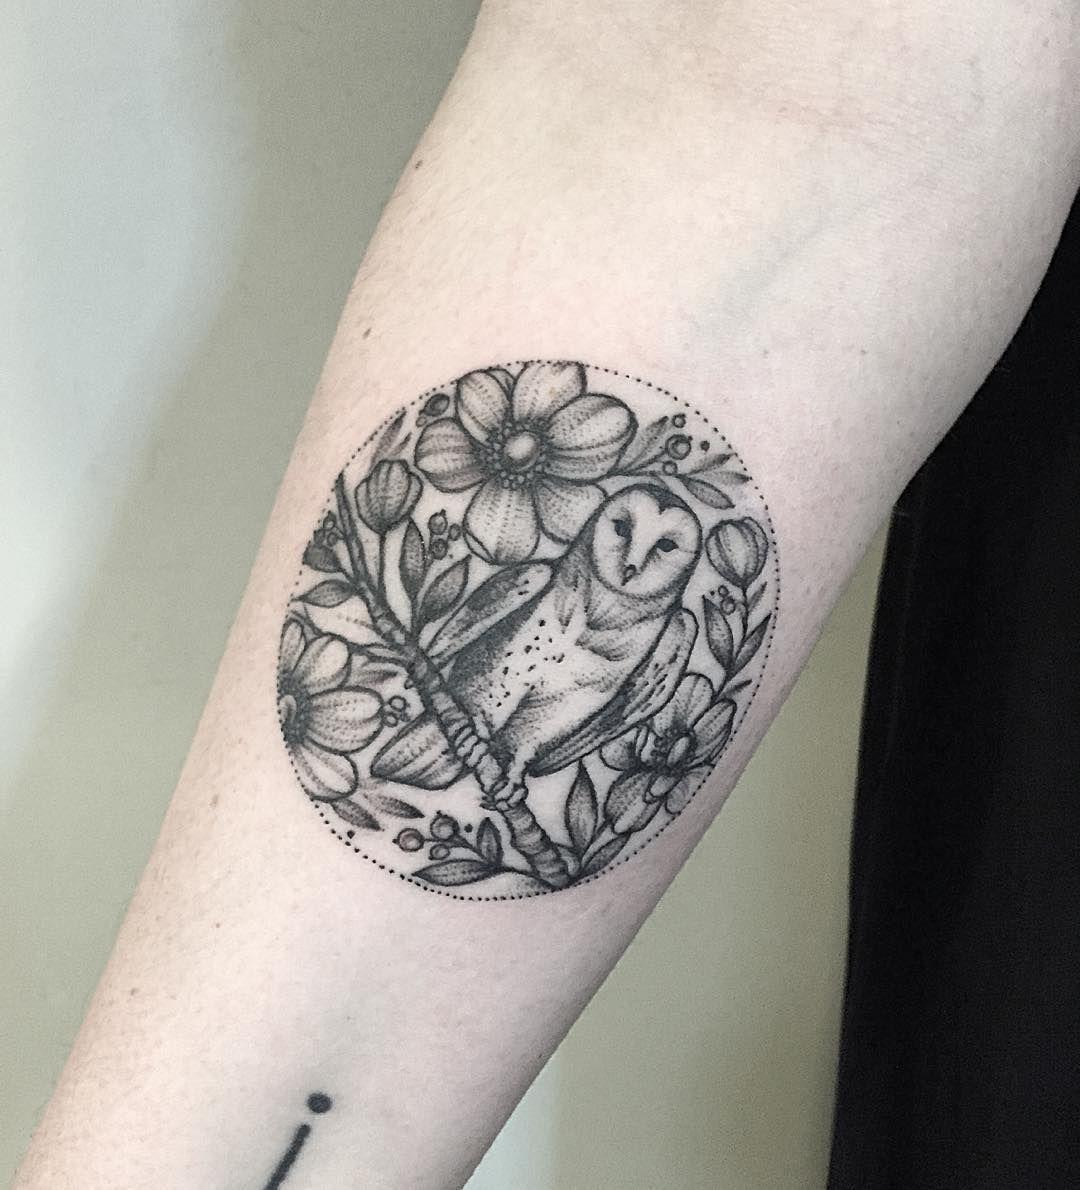 #owl#owltattoo#tattooparis #blacktattooing #dotwork #blxckink #blackwork #botanical #botanical #blacktattooart #blacktattoos #blackandwhite #dotworktattoo #art #amazinkink #annabravo